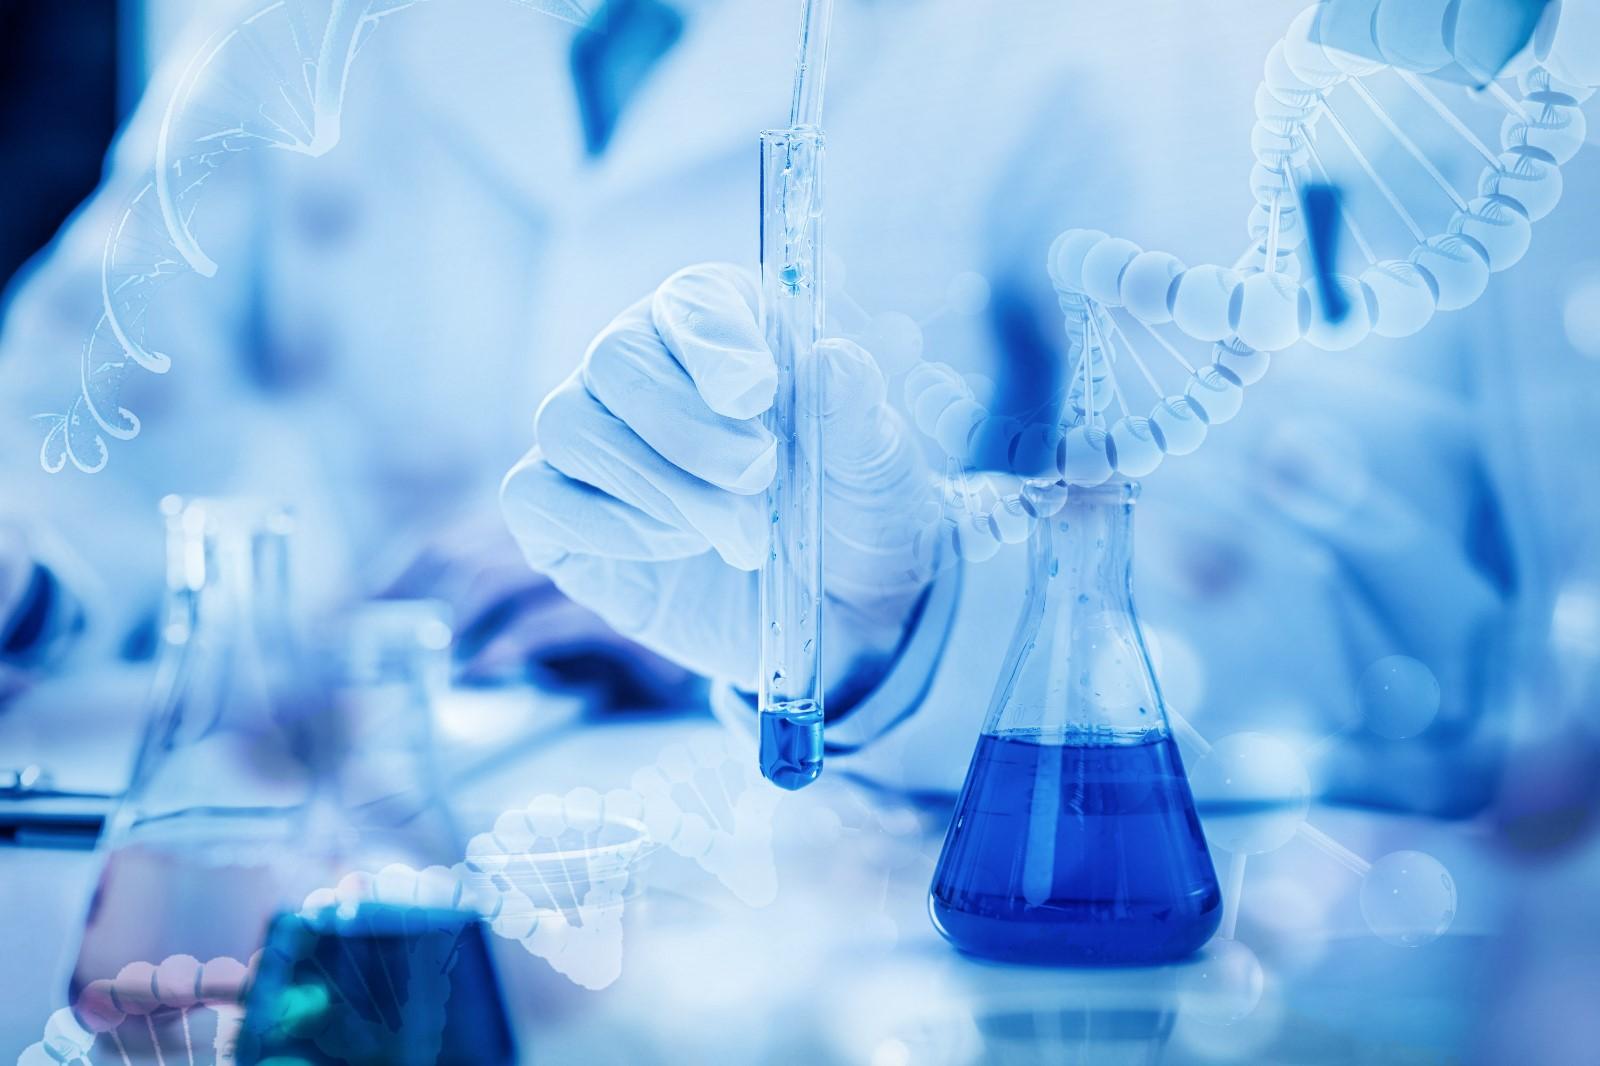 聚焦老药新用+虚拟高通量筛选,AI生物科技公司燧坤智能助力研发中国创新药